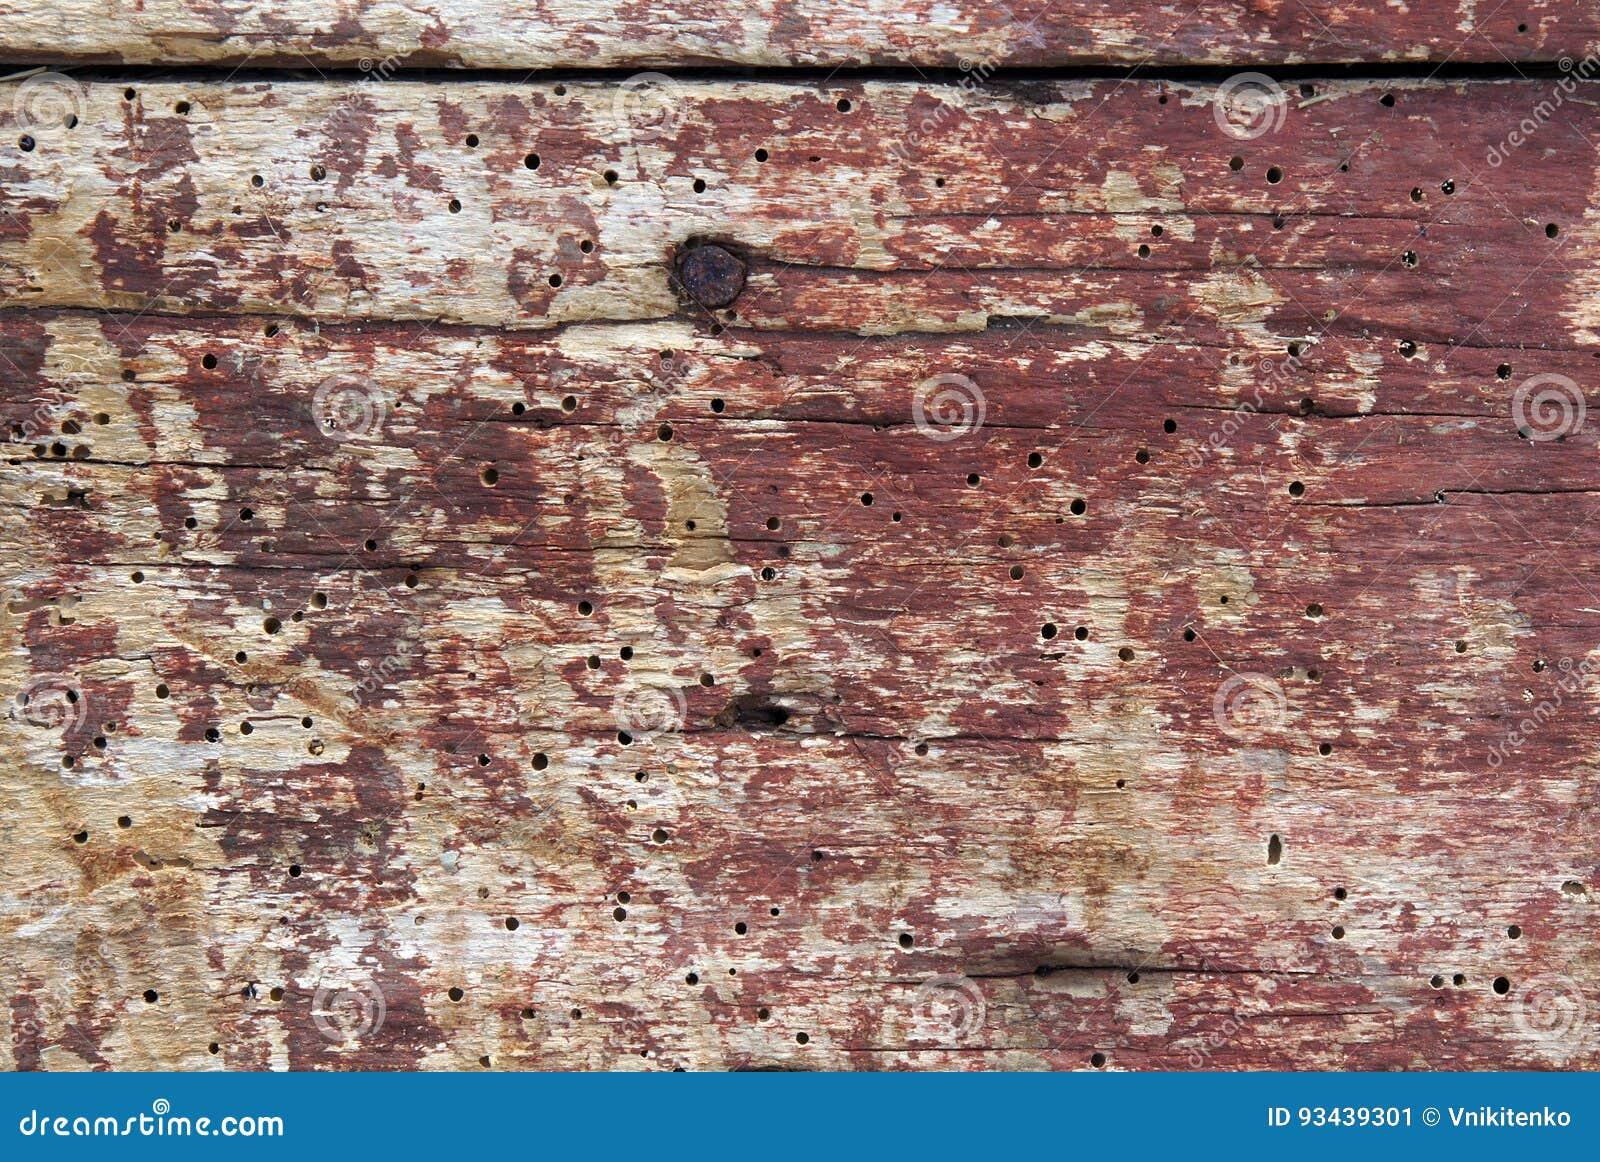 Vieux conseils avec des trous de ver de bois